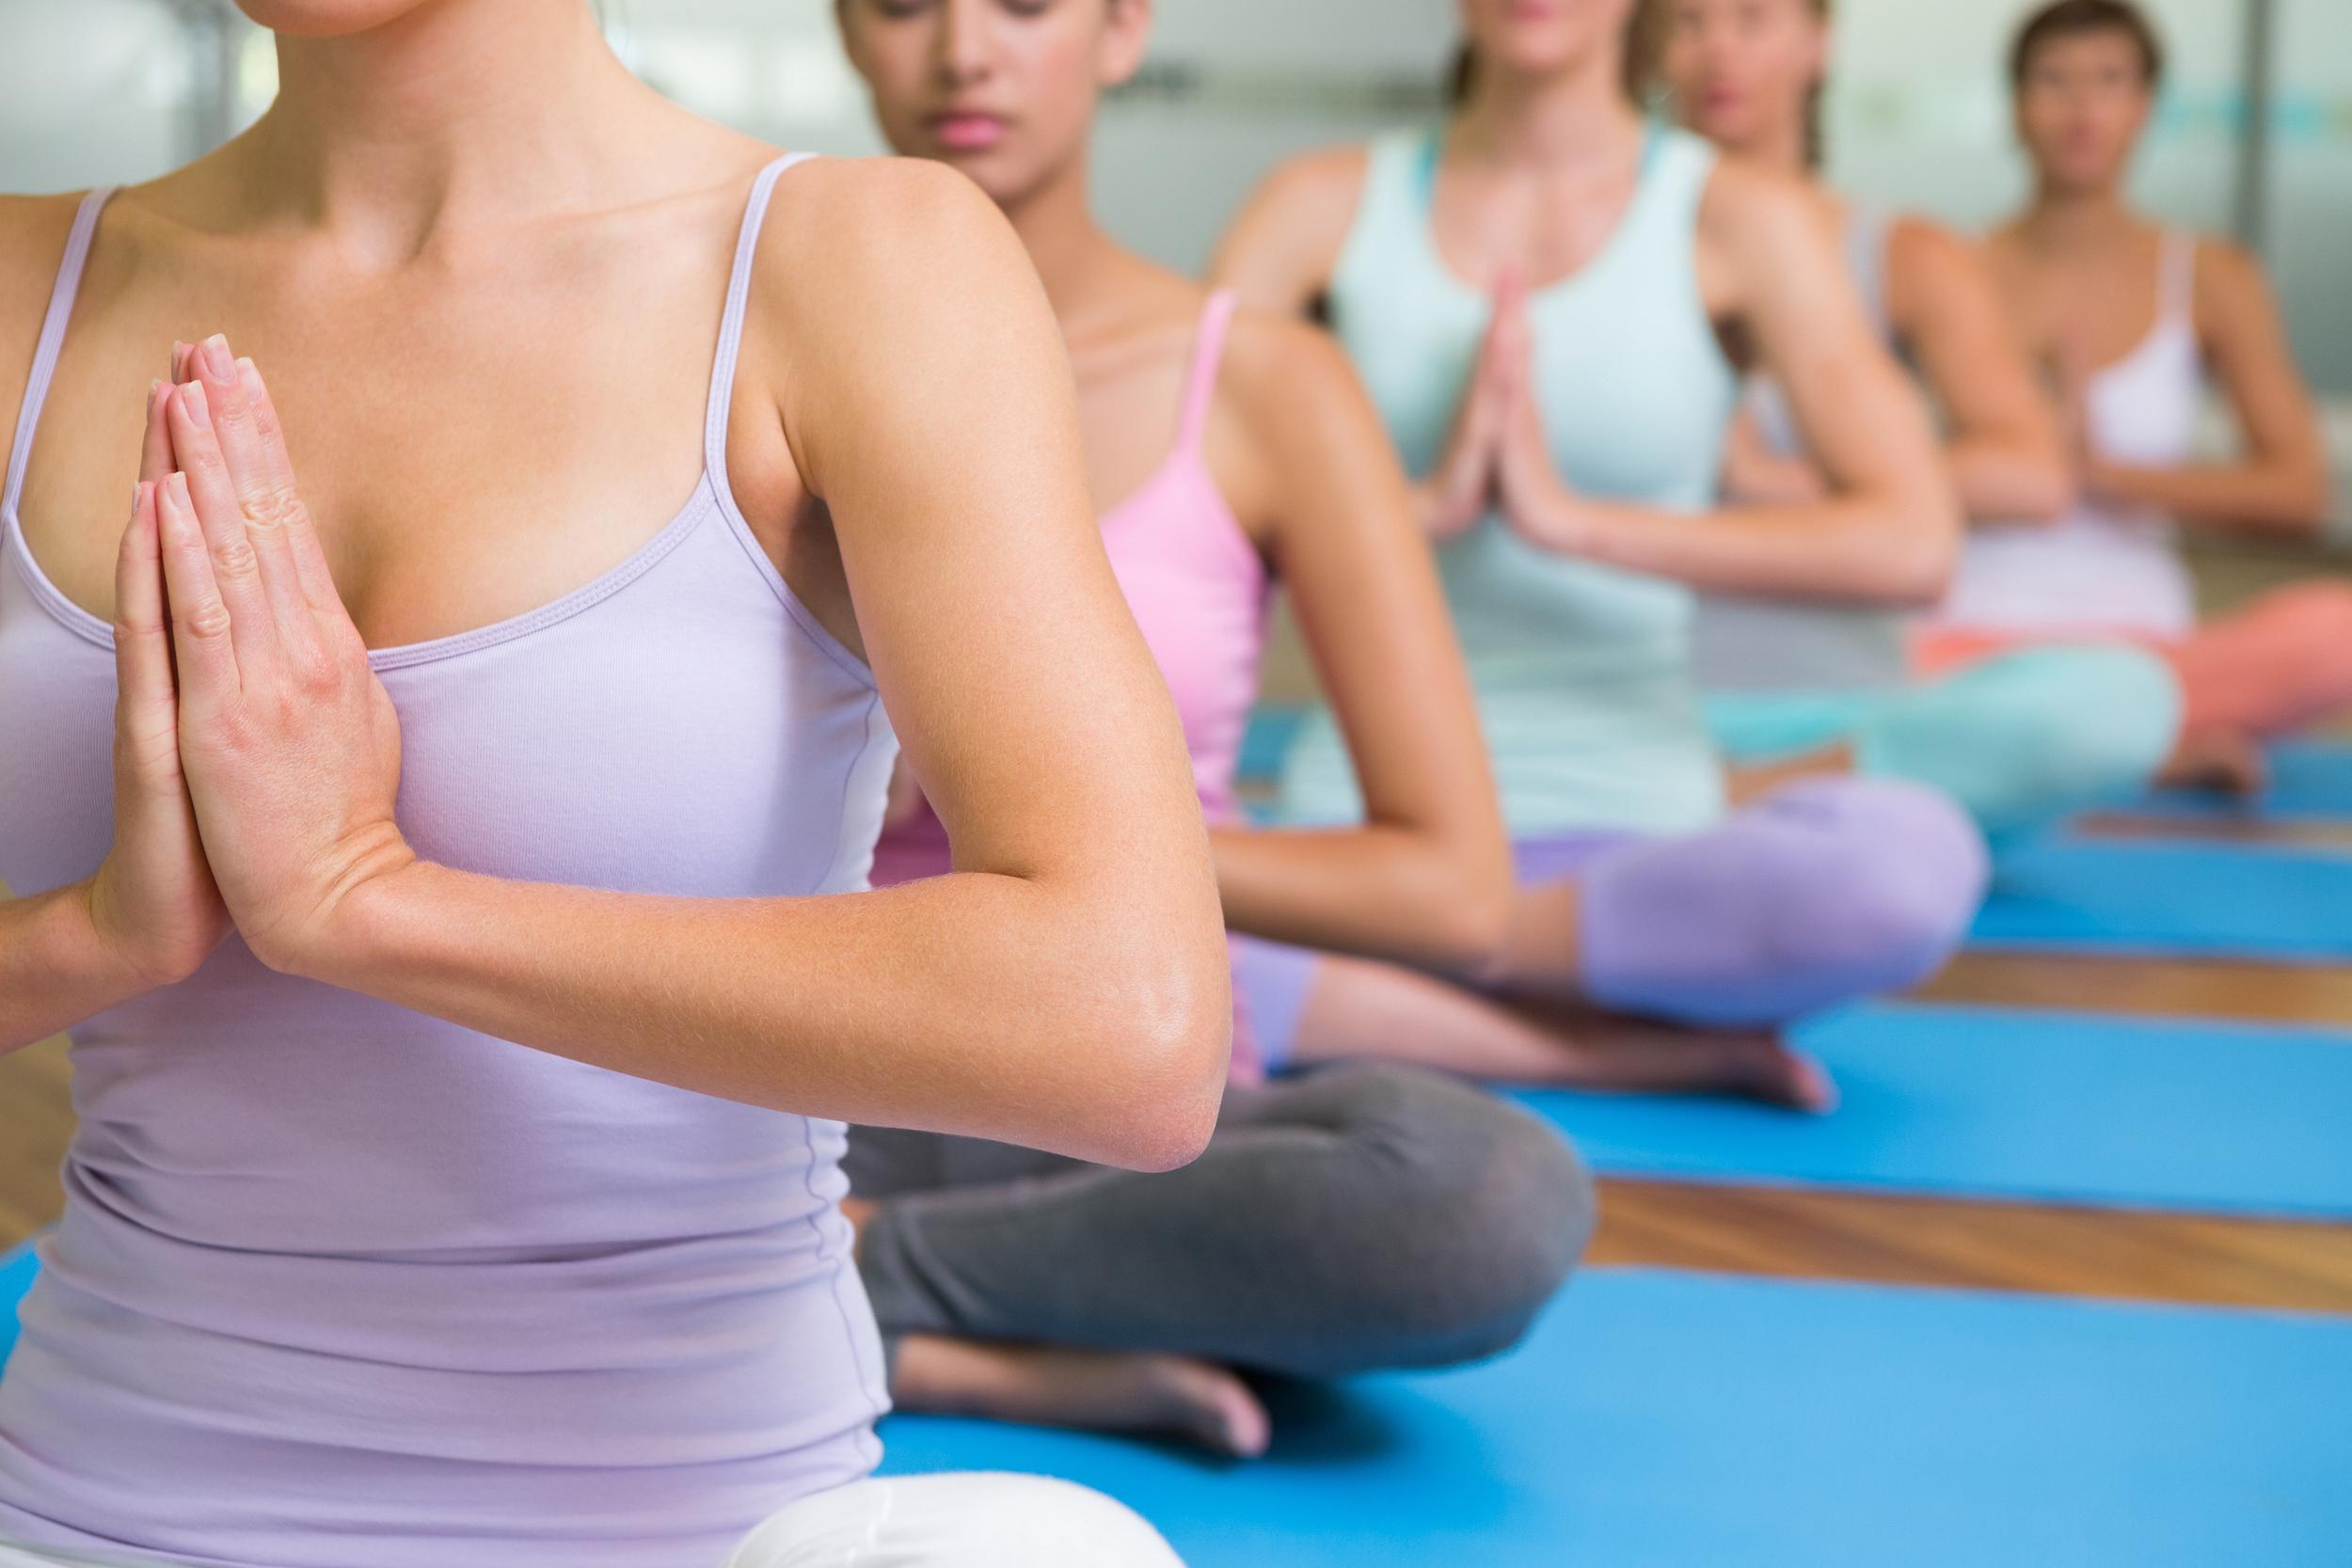 bigstock-Yoga-class-in-lotus-pose-in-fi-68712805.jpg